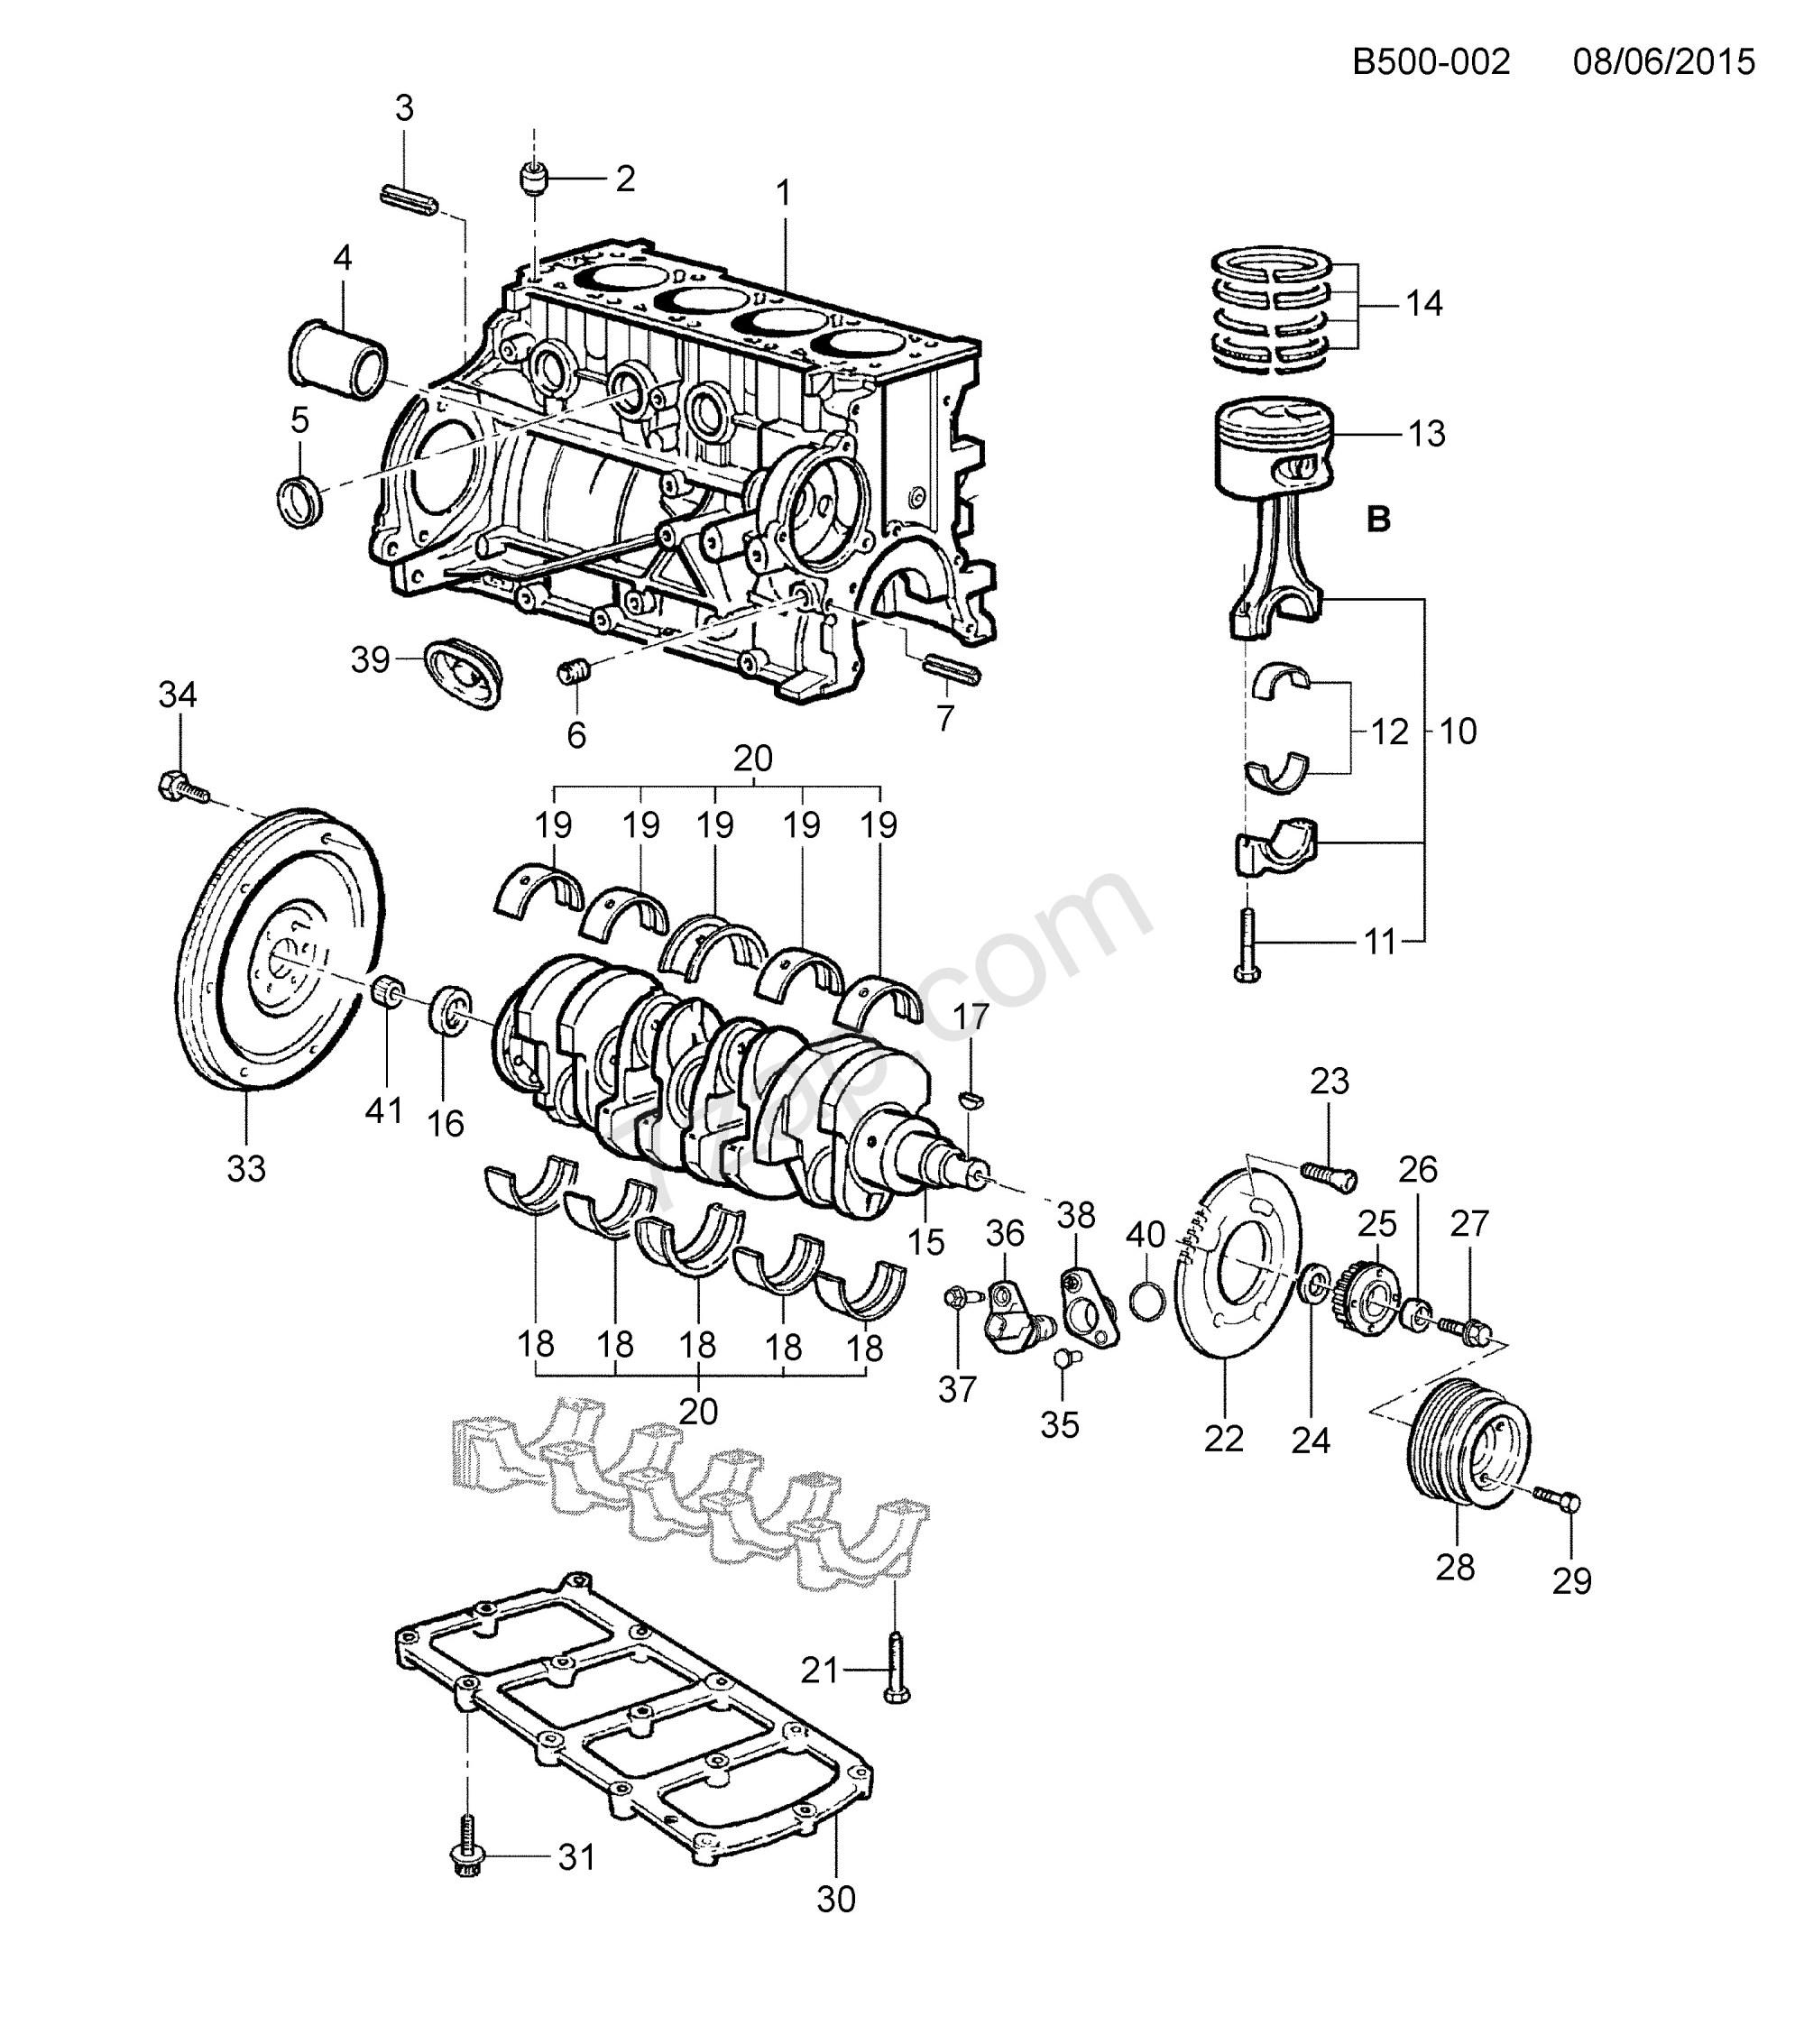 hight resolution of 6 cylinder engine diagram 2012 2016 2l 2s03 06 43 engine asm 2 4l l4 cylinder